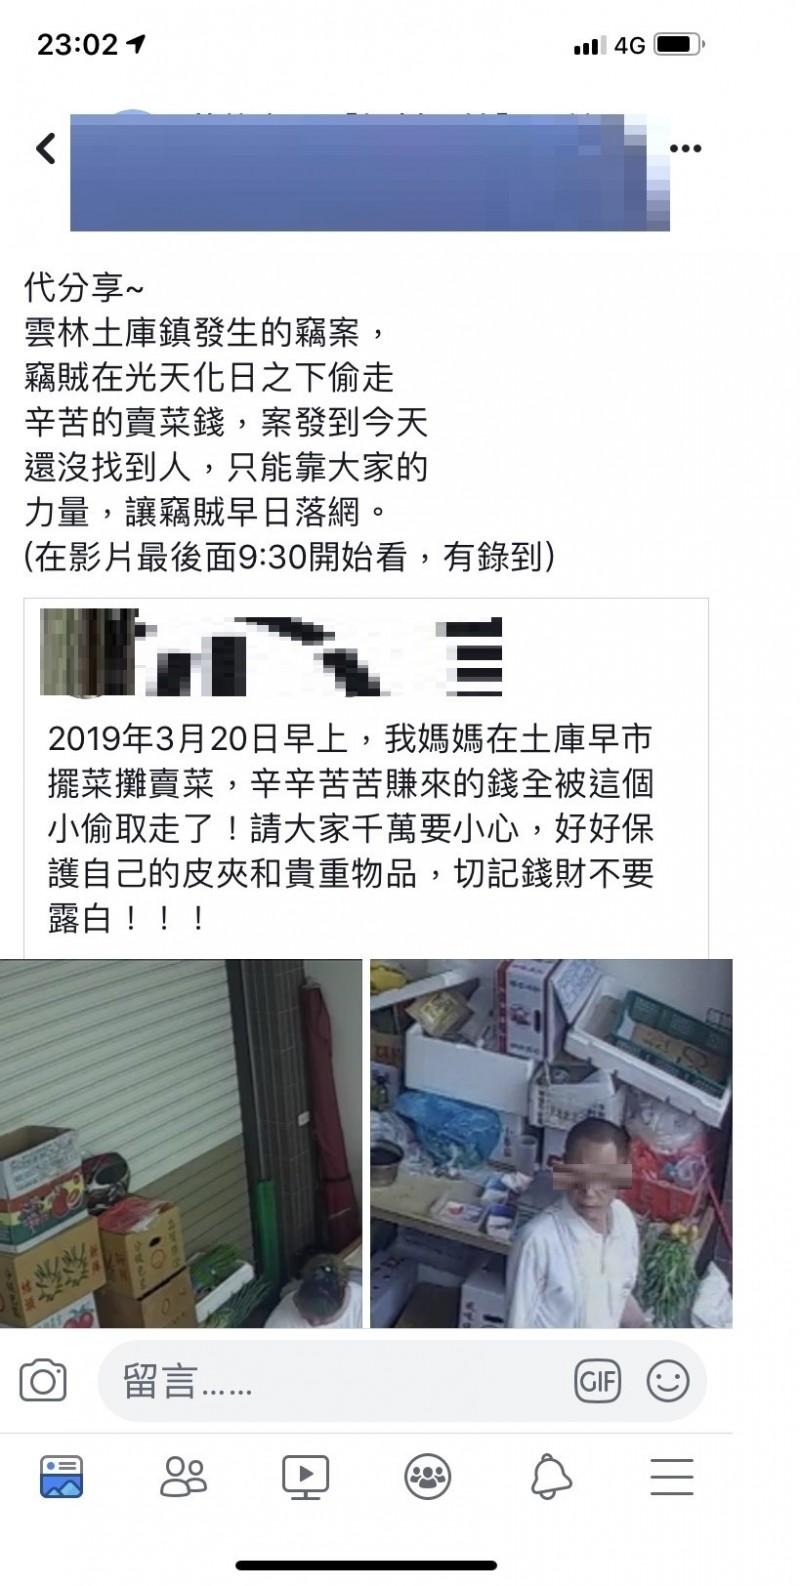 原PO的媽媽在土庫早市擺菜攤賣菜,辛苦錢卻被偷走,將影片PO網抓小偷,也提醒大家注意。(翻攝自網路)